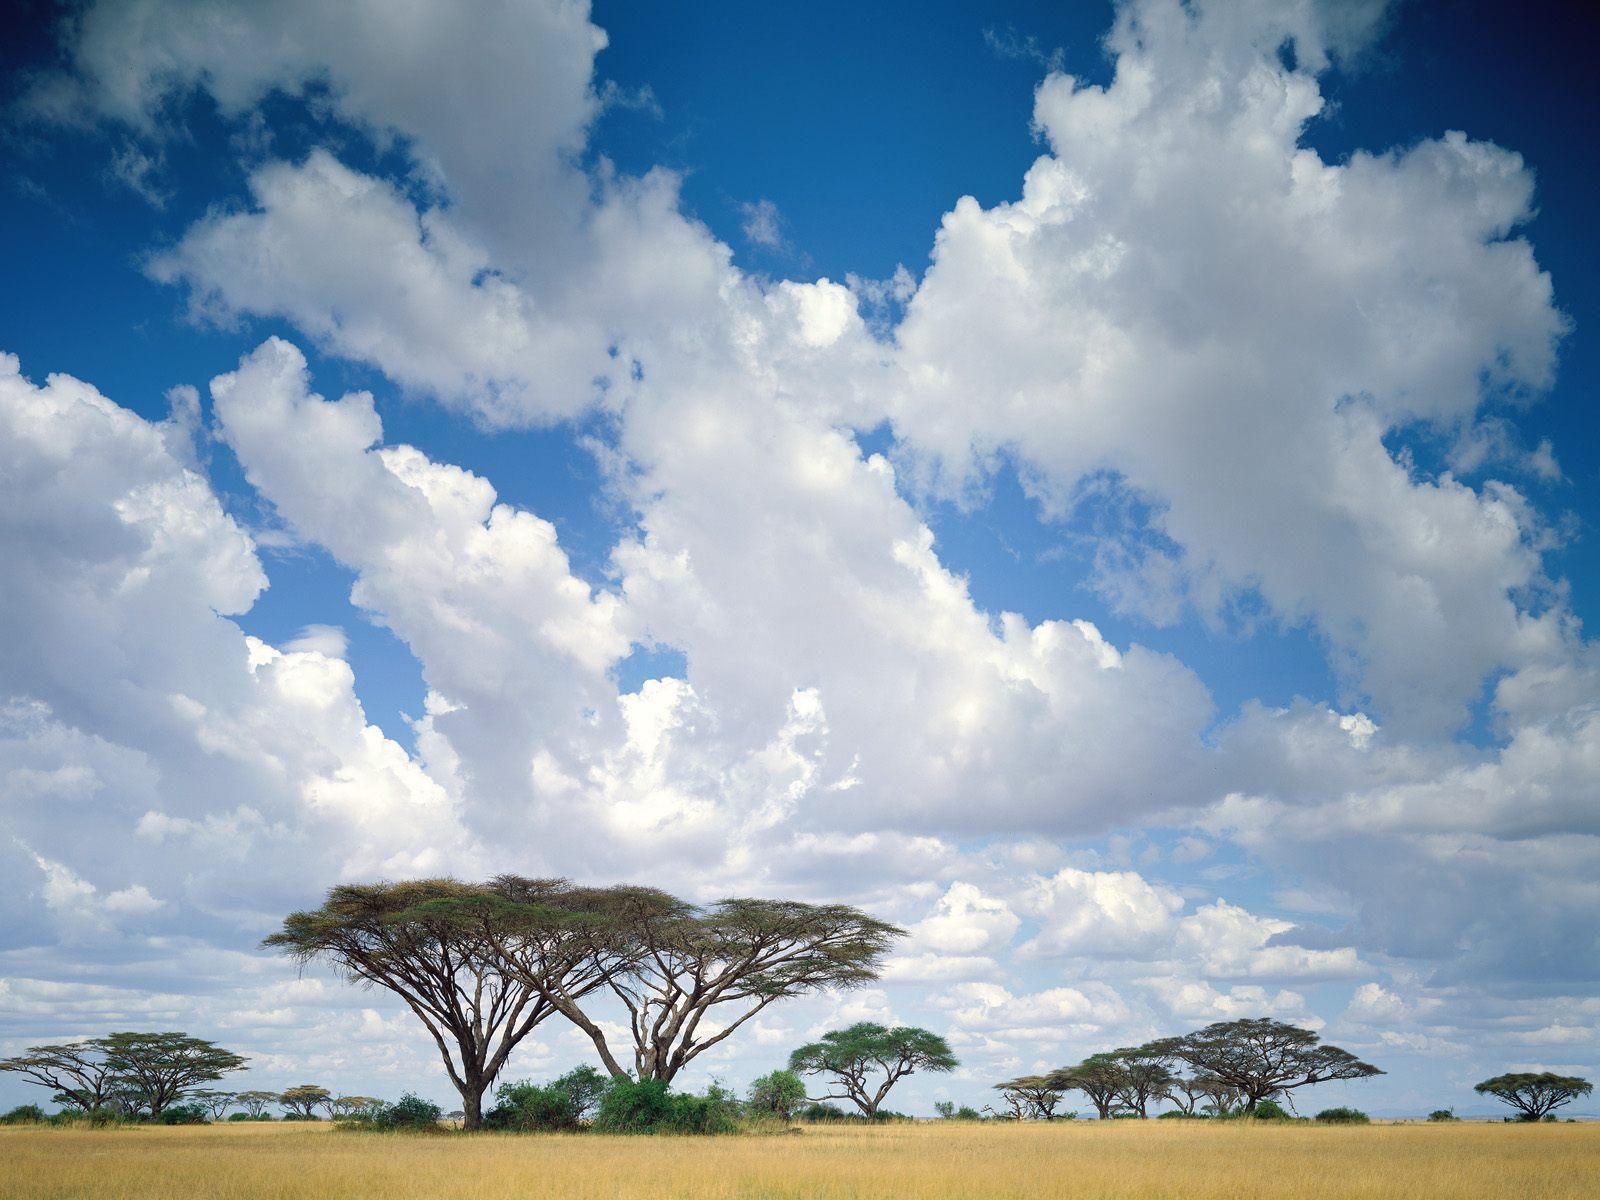 マサイマラ国立保護区(ケニア) 壁紙 - Masai Mara Game Reserve, Kenya WALLPAPER